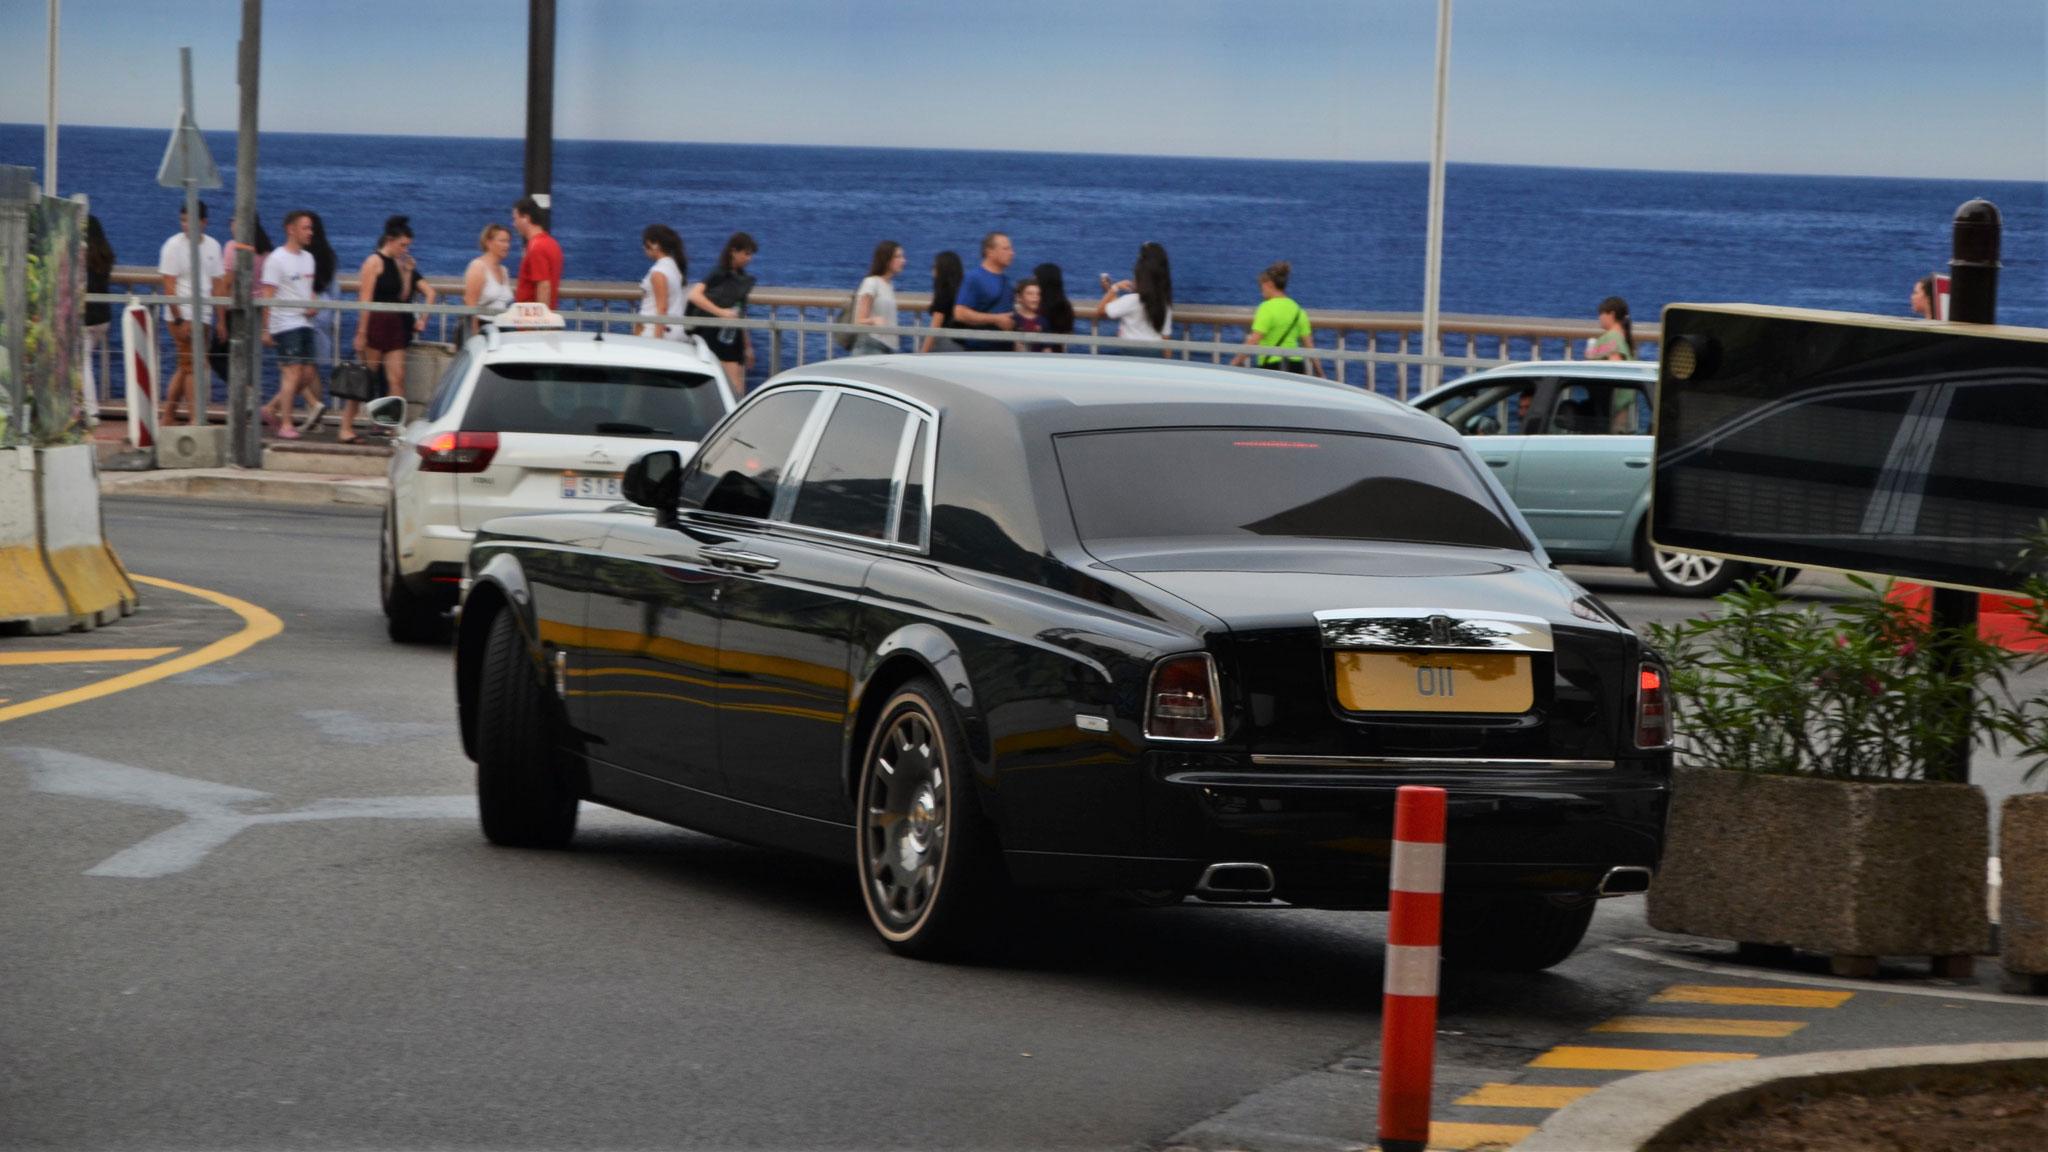 Rolls Royce Phantom - O11 (GB)